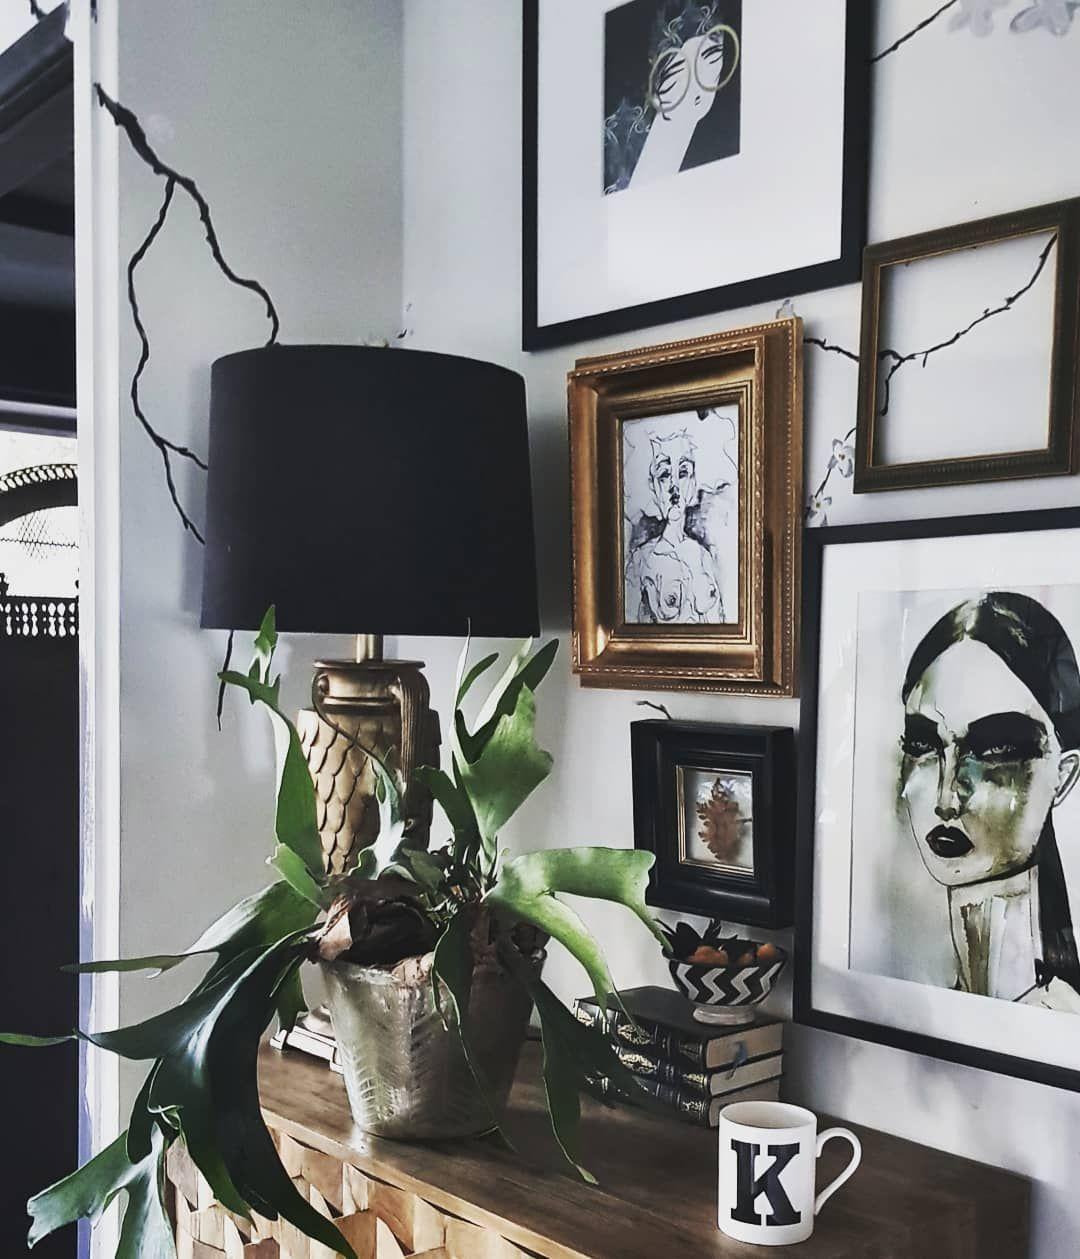 Простые дизайнерские решения в интерьере оказываются самыми удачными - декор для стен из рам разной фактуры и цвета гармонируют с остальными предметами интерьера